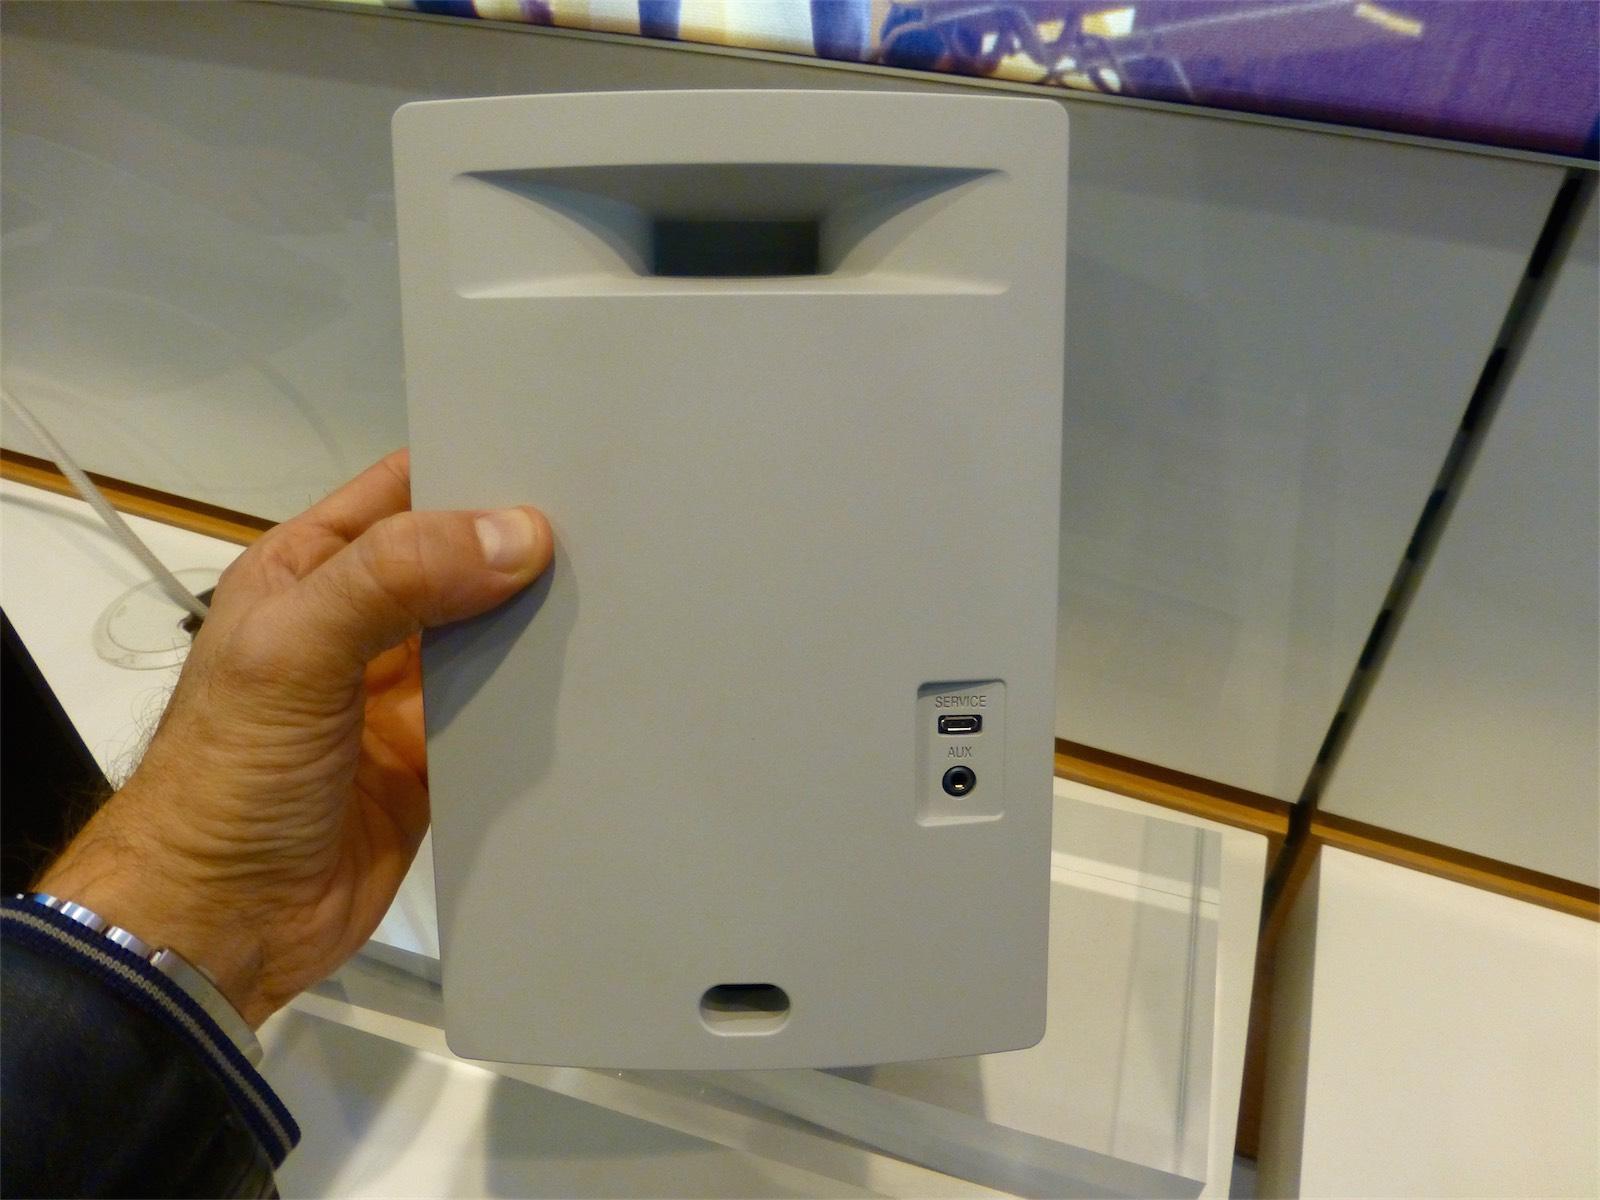 Soundbar I Sistemi Di Bose : Bose soundtouch il diffusore compatto per la casa che